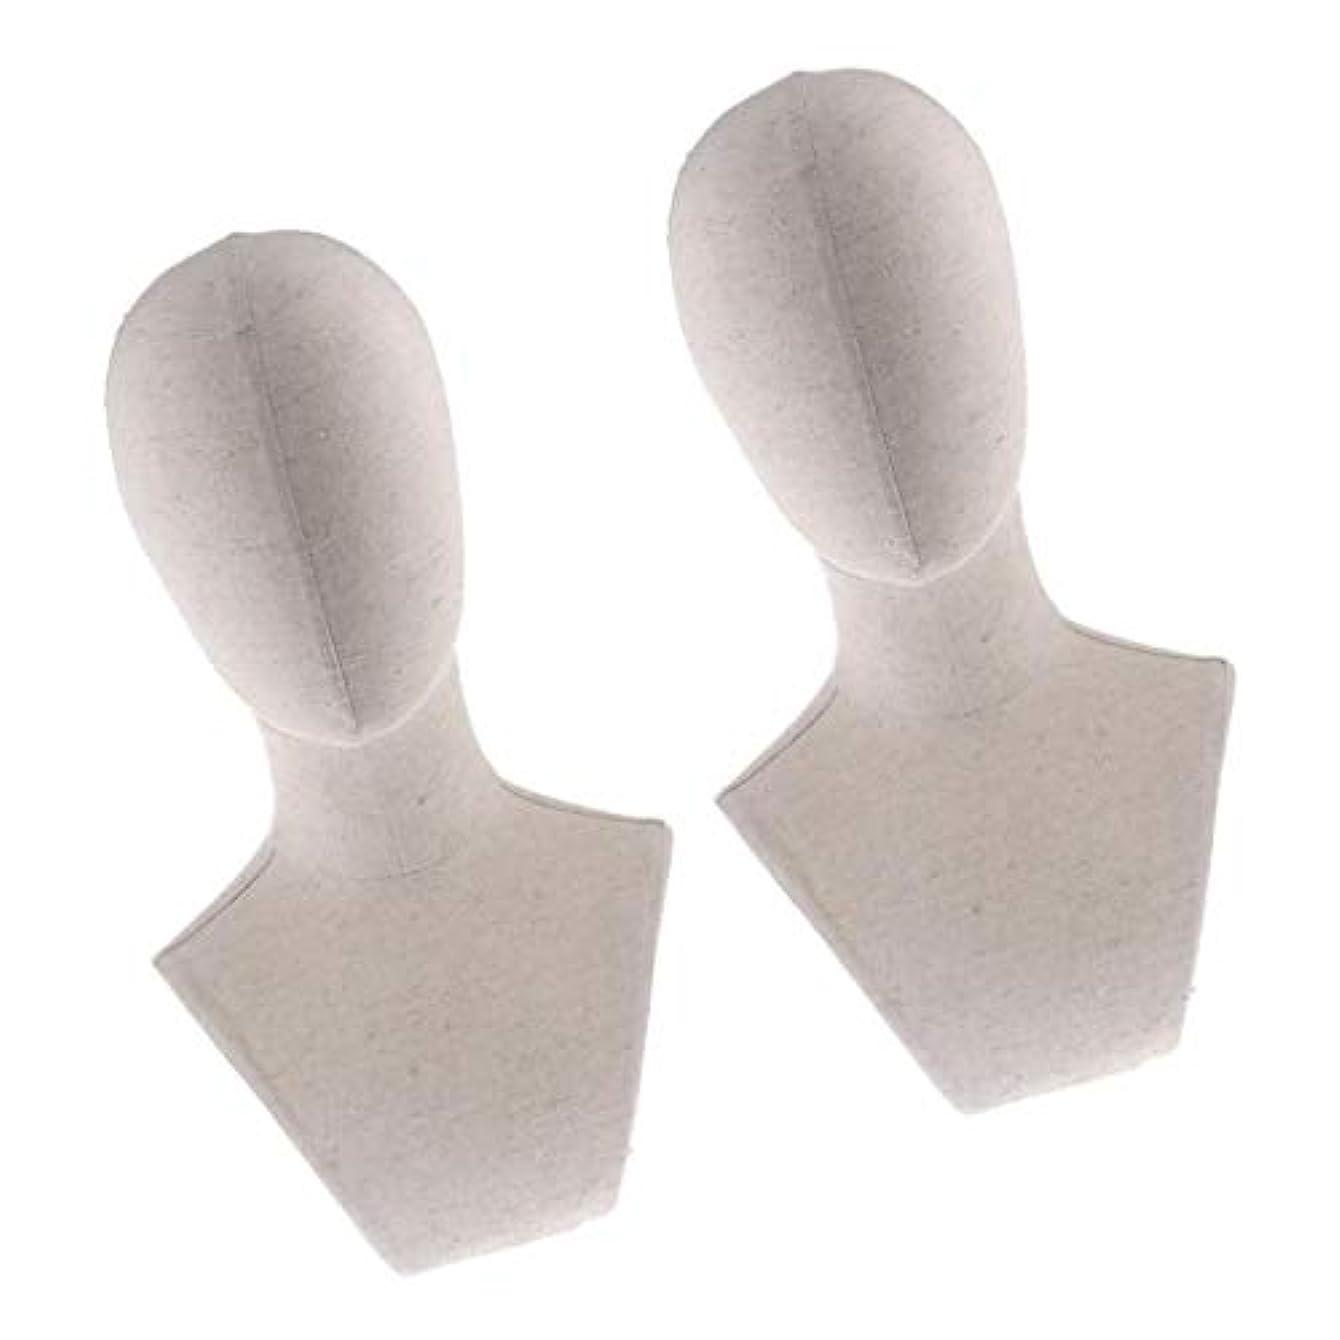 ブラザー非行無視DYNWAVE プラスチック マネキン ヘッド トルソー 頭 カット練習 頭部 女性 ウィッグマネキン ウィッグスタンド2個